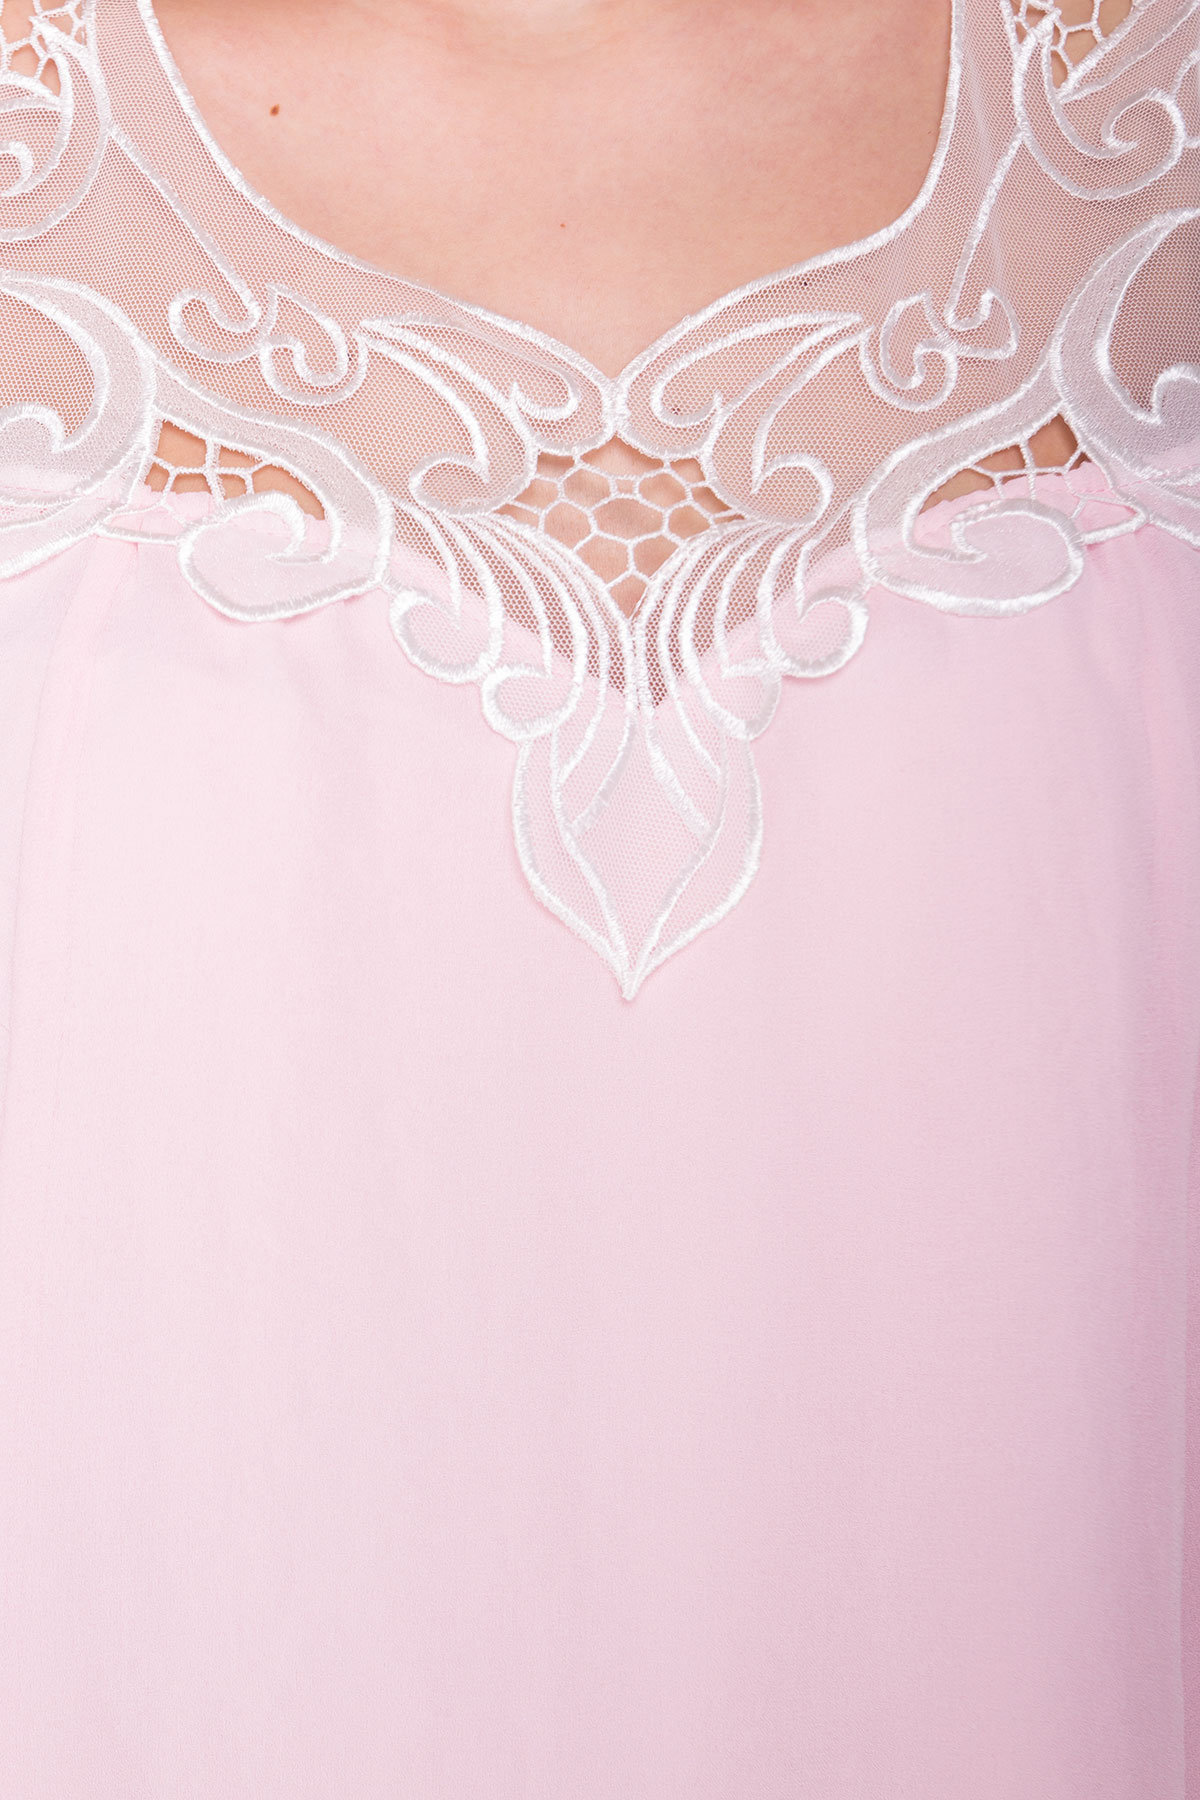 Платье свободного кроя Альбина 3110 АРТ. 16102 Цвет:  Розовый Светлый - фото 4, интернет магазин tm-modus.ru